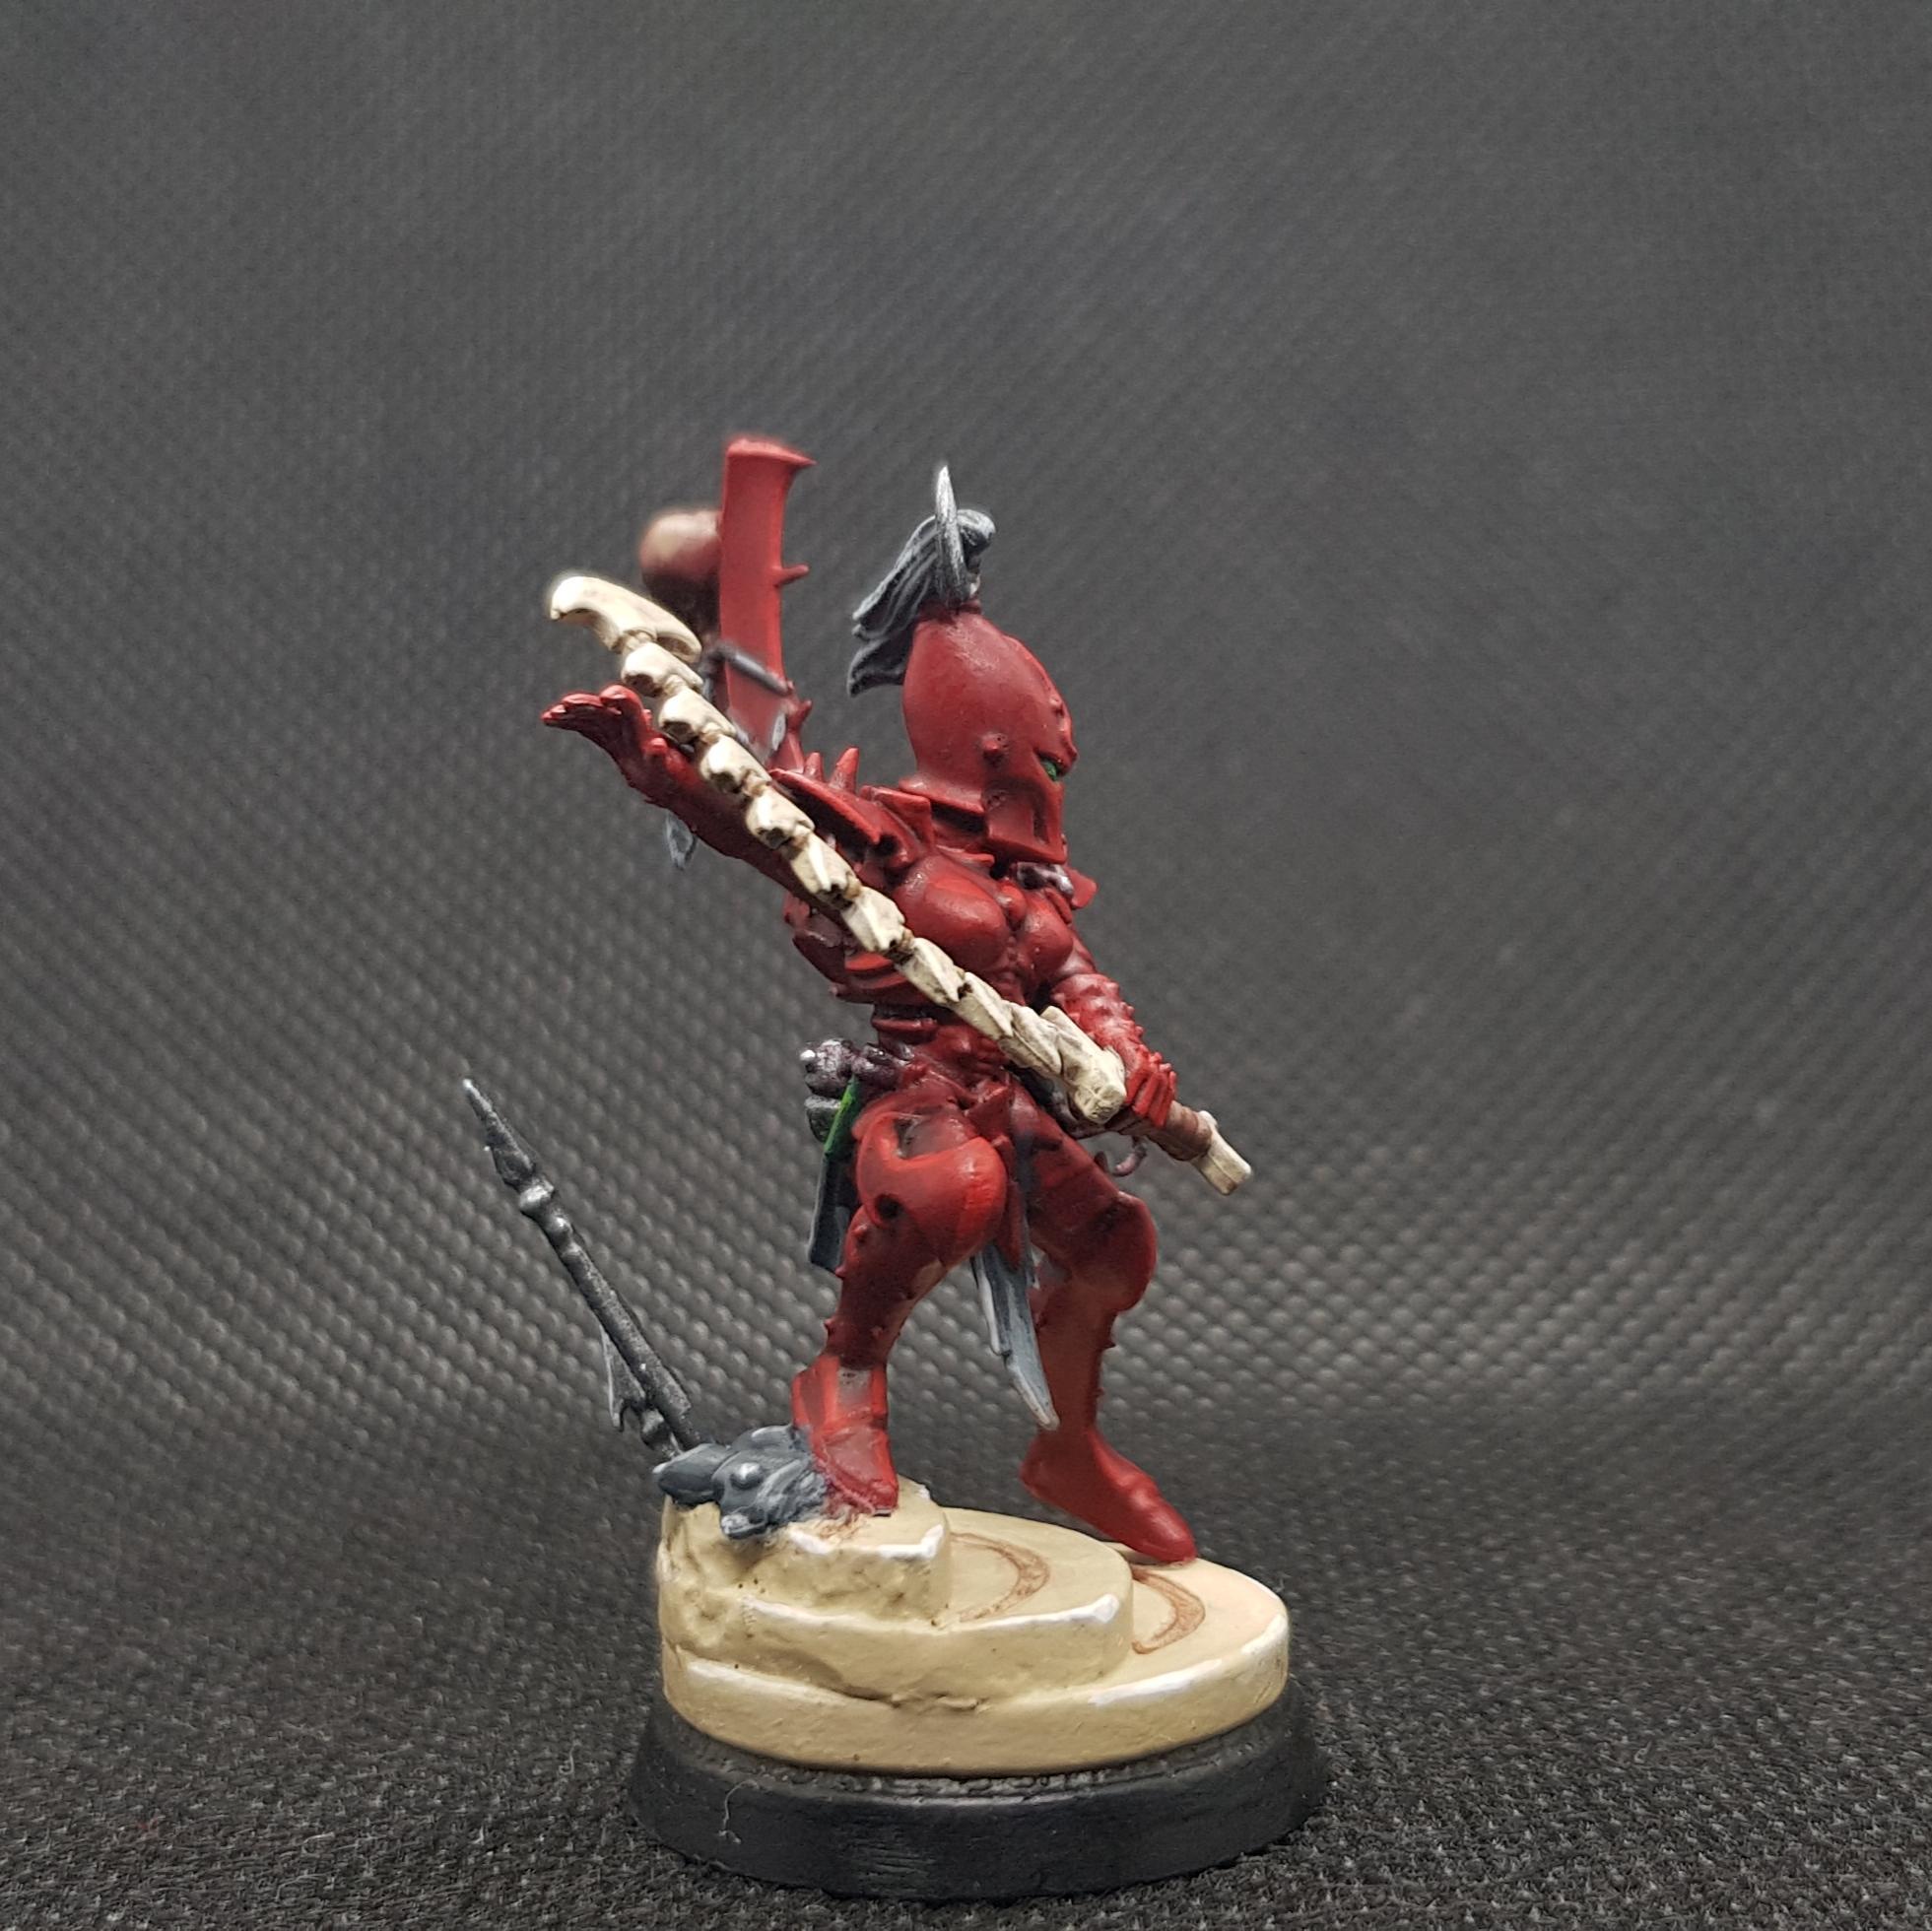 Archon, Dark Eldar, Drukhari, Kabal, Kabalite, Warhammer 40,000, Warhammer Fantasy, Warriors